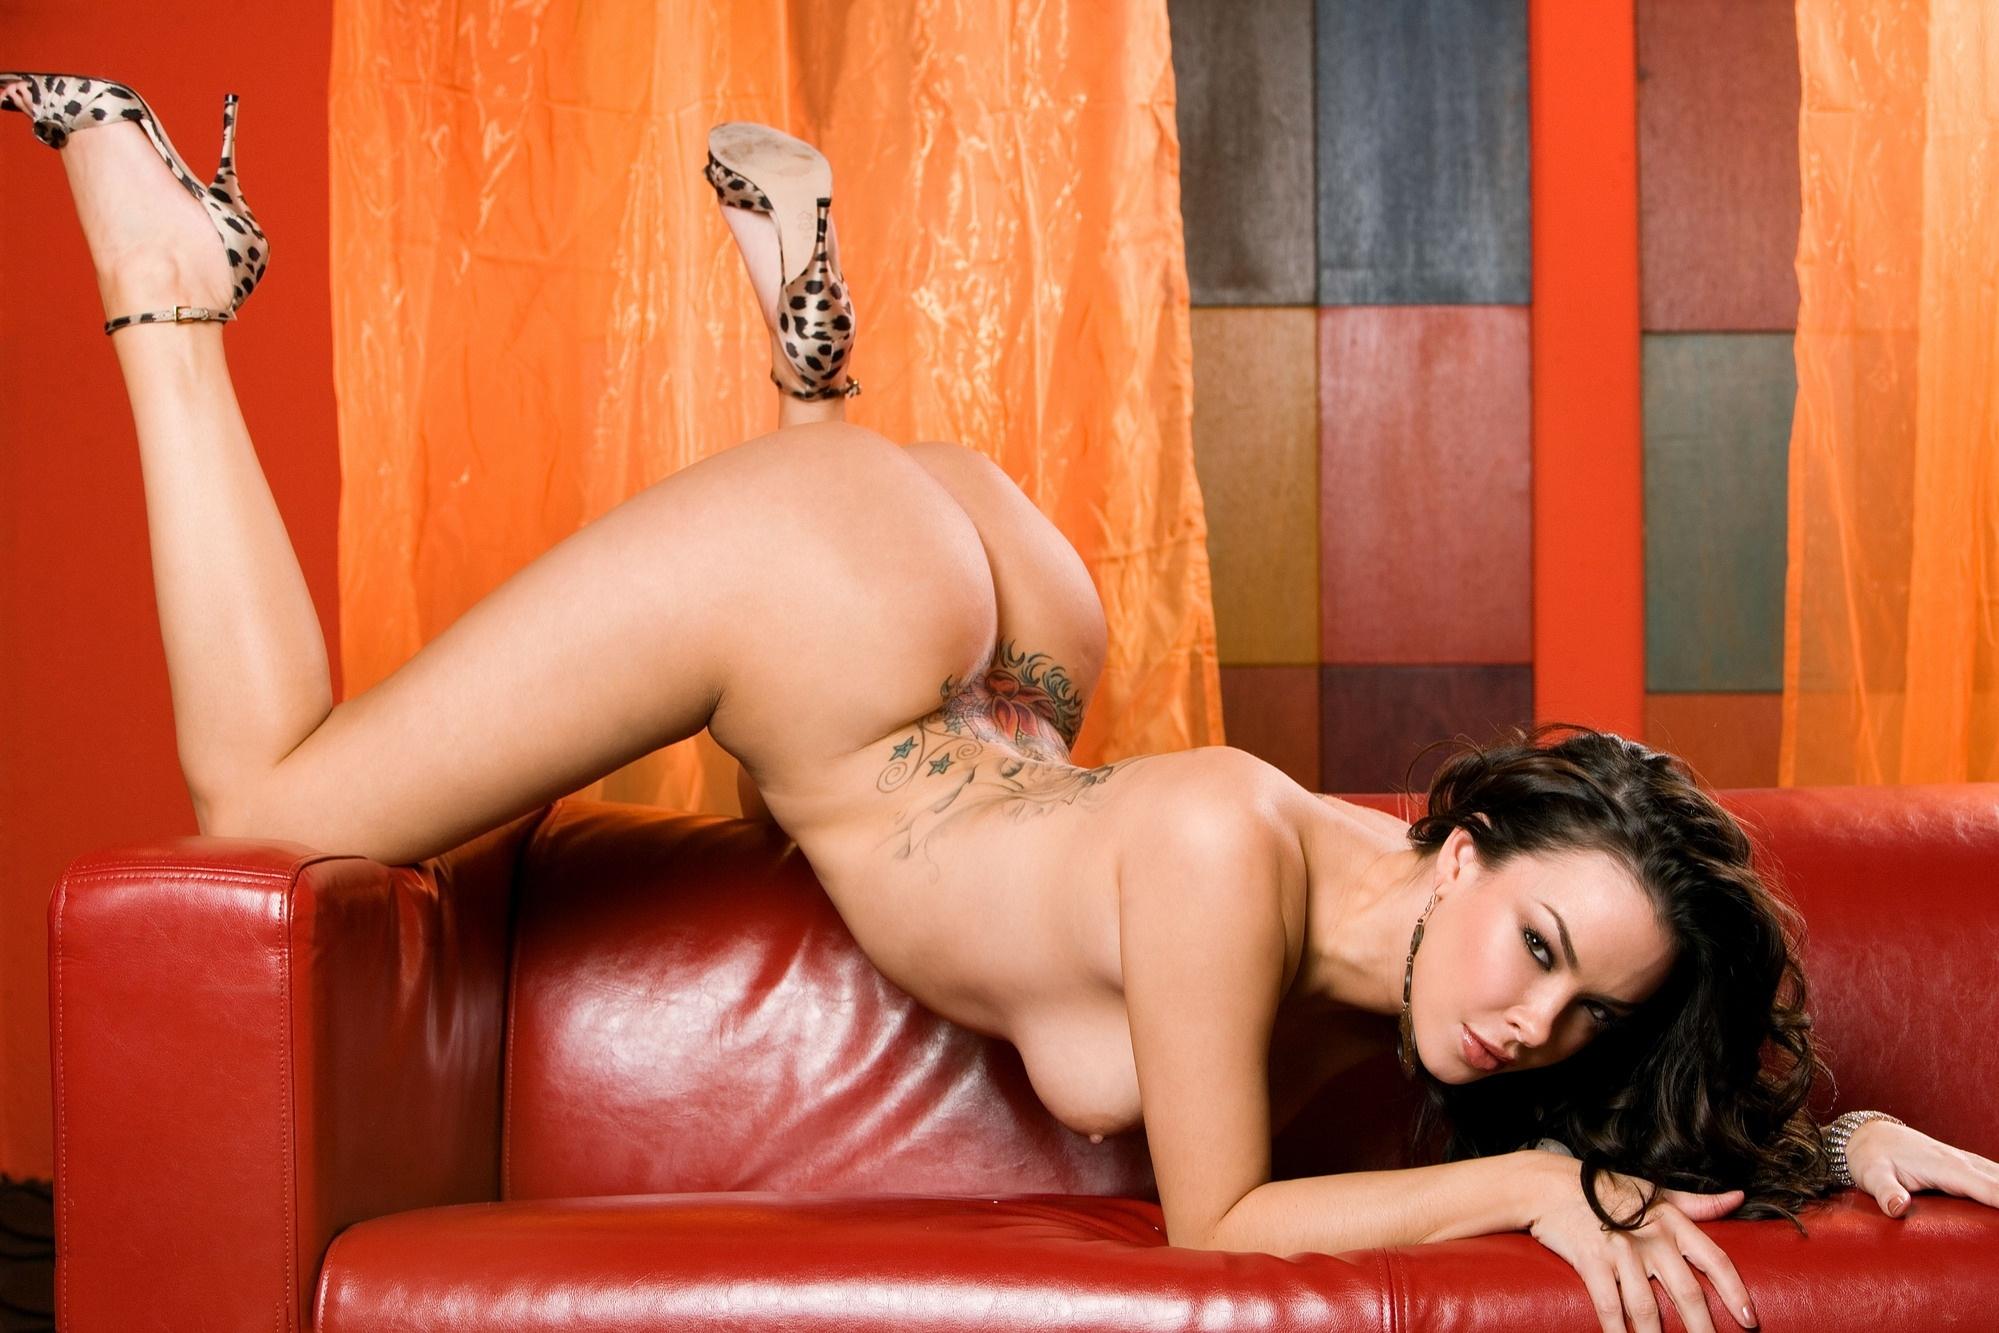 Русское порно с брюнеткой с тату на пупке 11 фотография